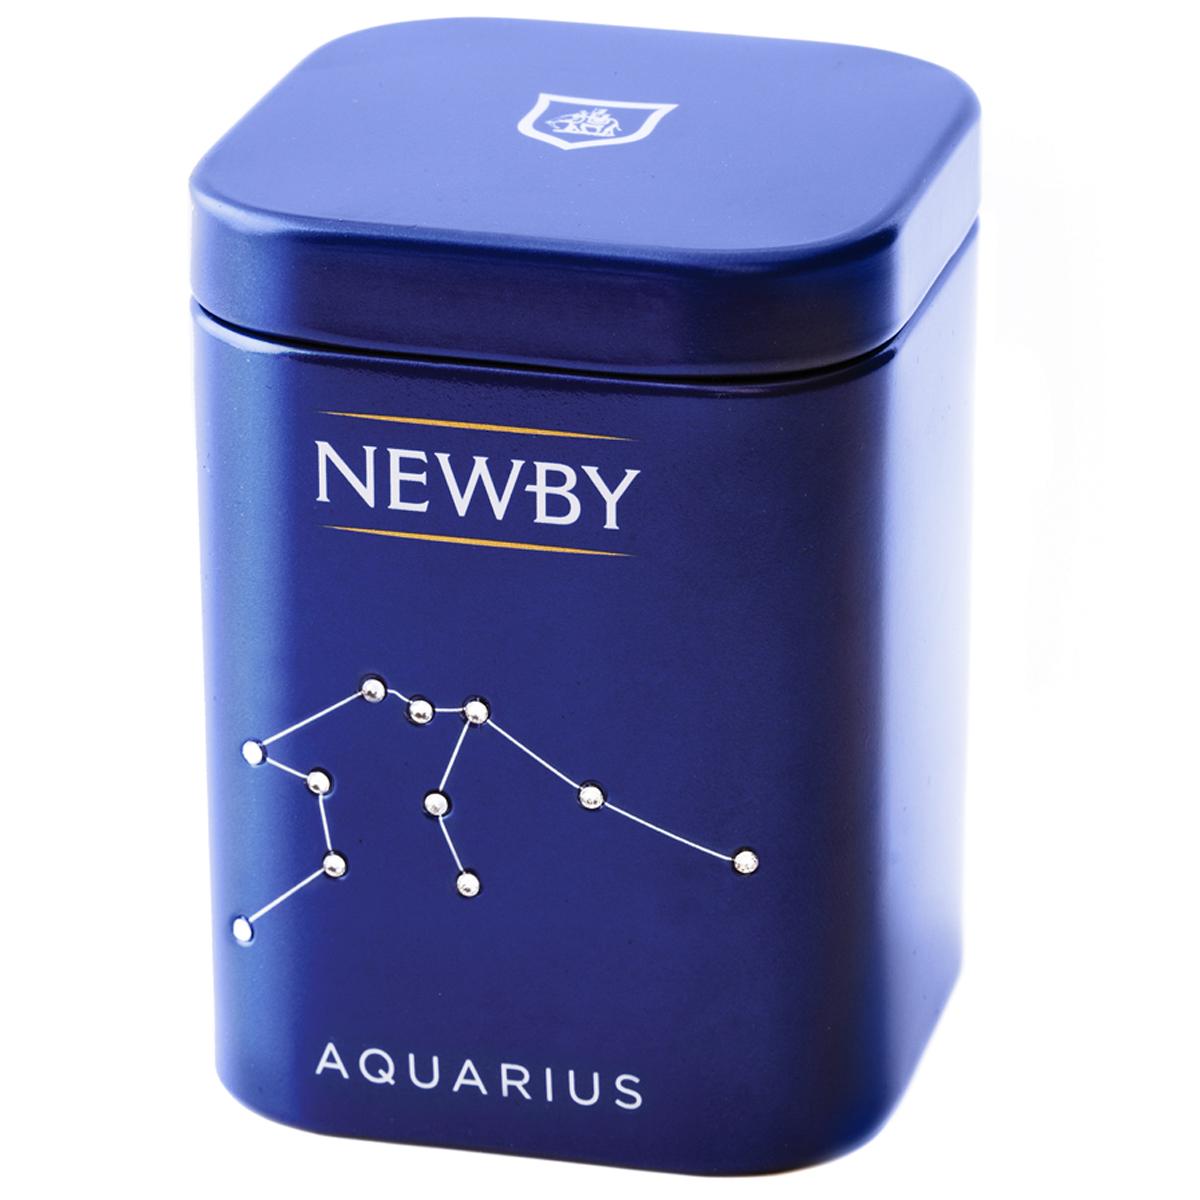 Newby Aquarius Darjeeling подарочный набор листового чая, 25 г (ж/б) недорго, оригинальная цена